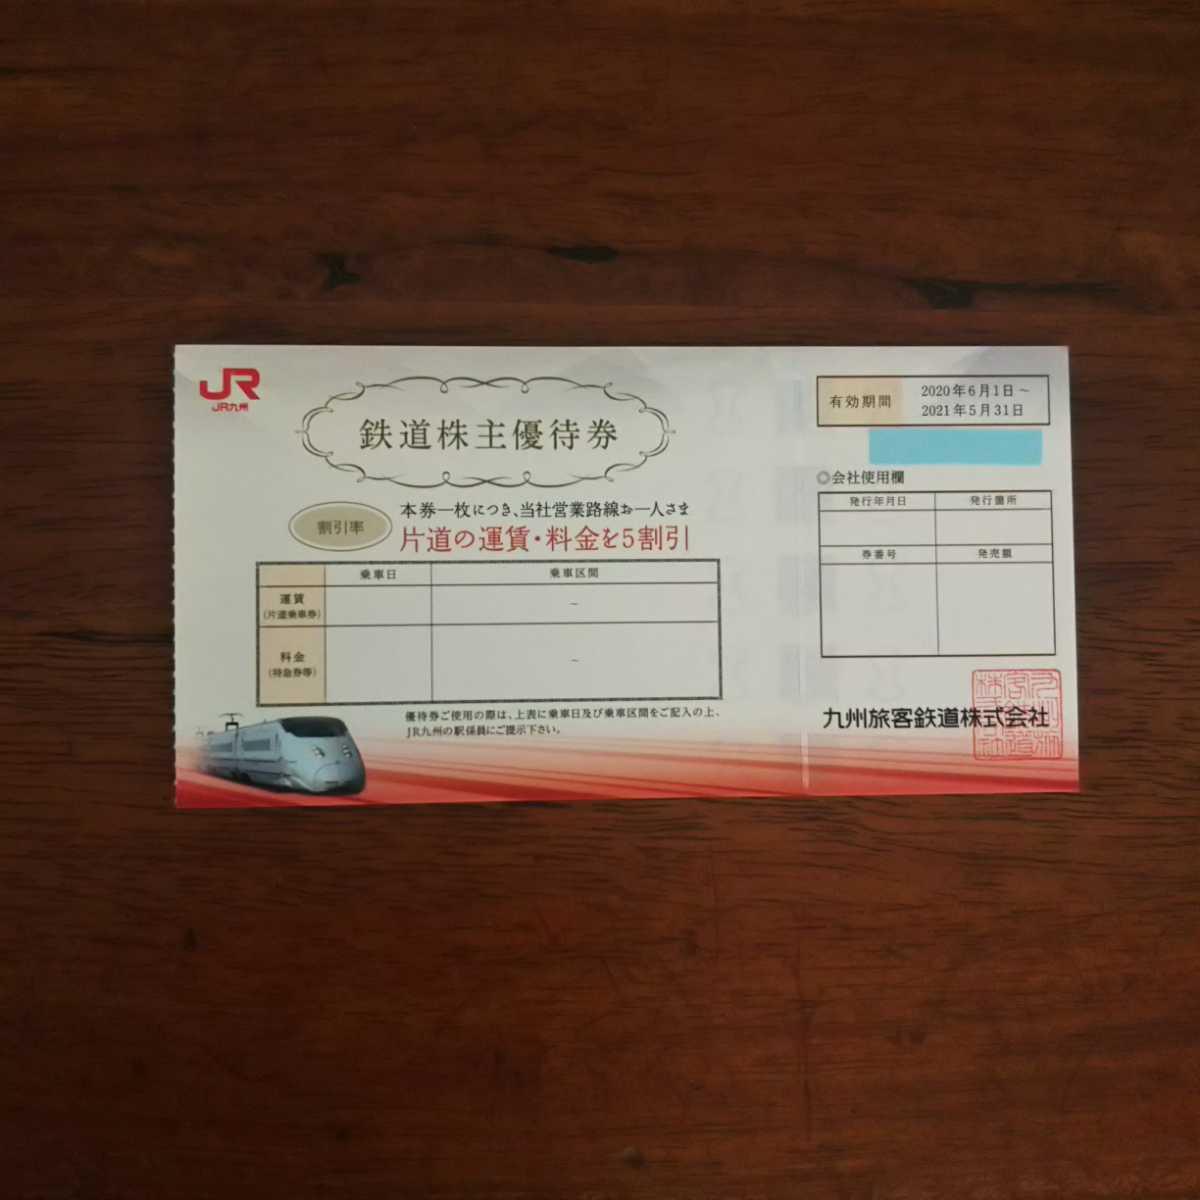 【送料無料】JR九州株主優待券 JR九州旅客鉄道株主優待券 鉄道株主優待割引券_画像1